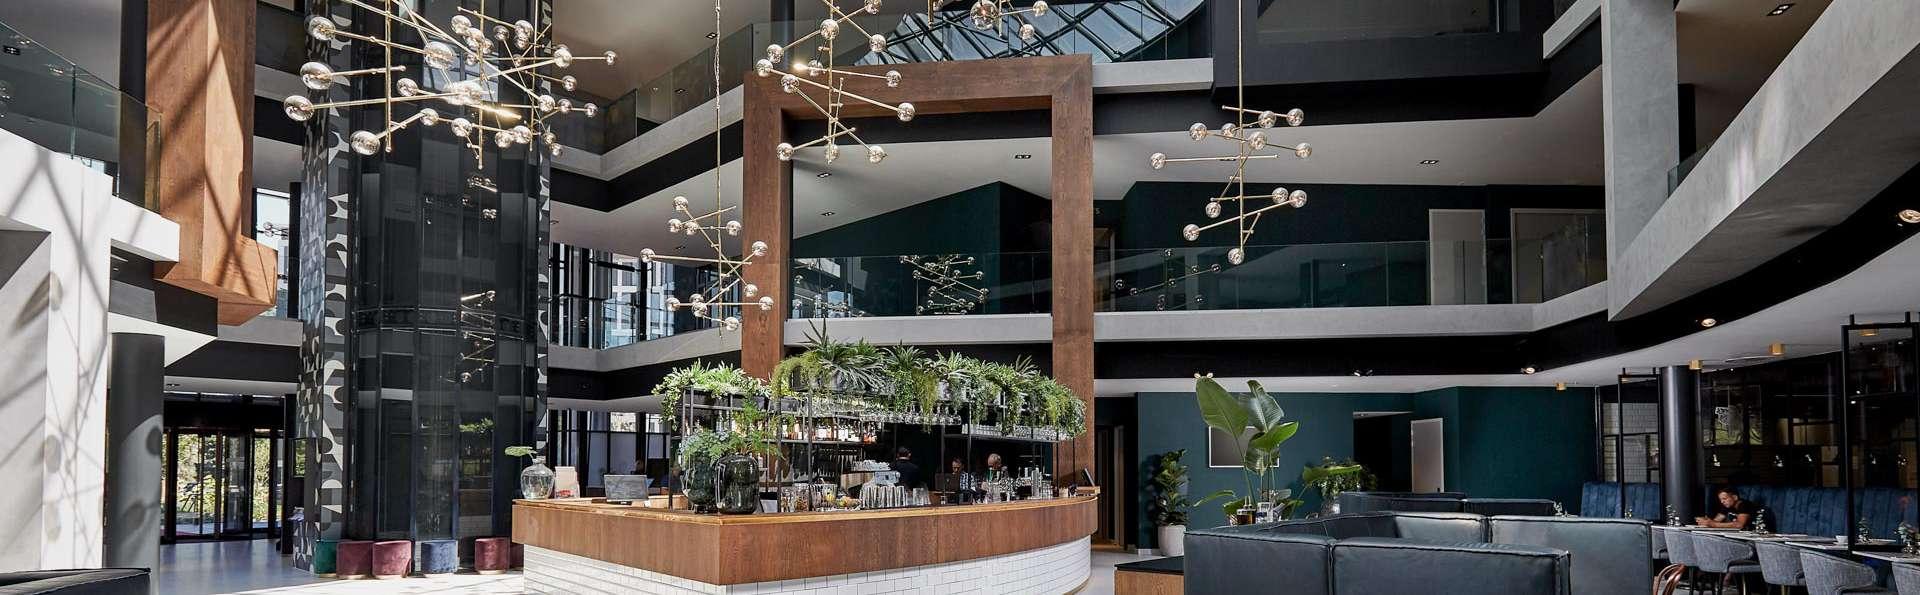 Séjournez dans le plus grand hôtel avec centre de wellness du Benelux à l'aéroport de Schiphol